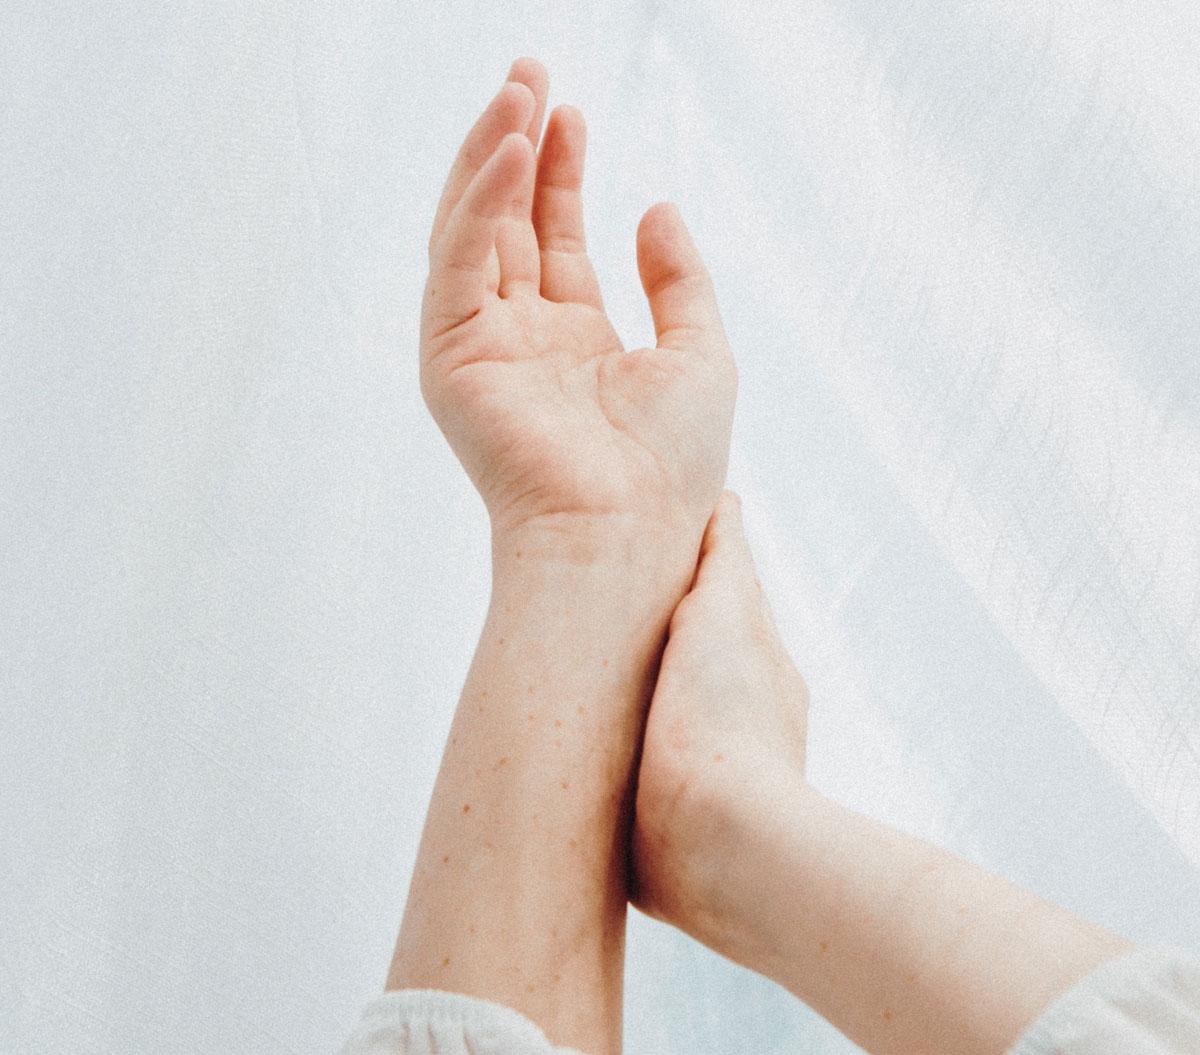 liigeste valu tottu on pikk